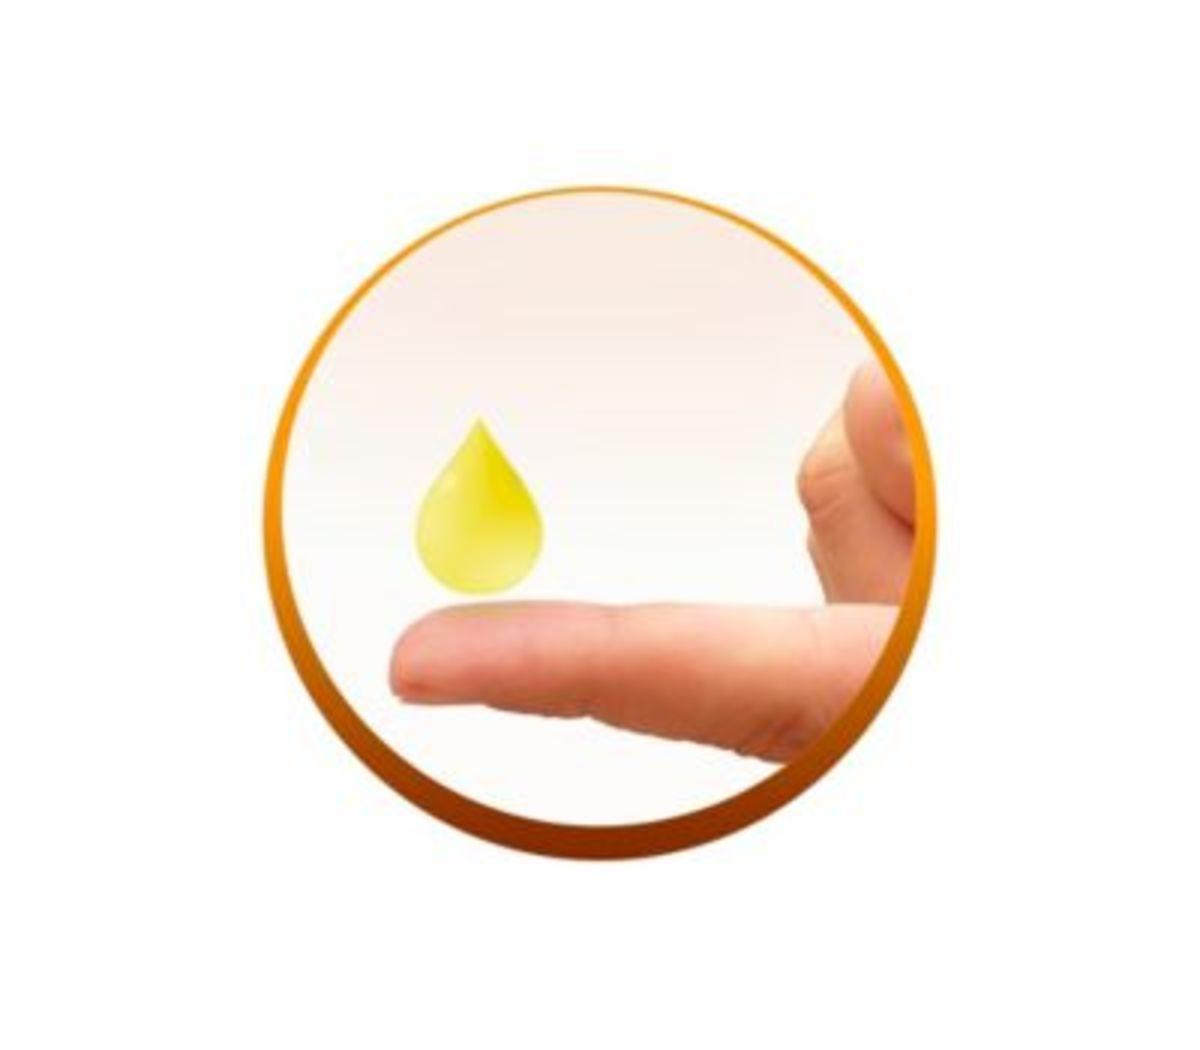 Bild 3 von Zitronenkraftreiniger Geschirrspülmittel, 3tlg.